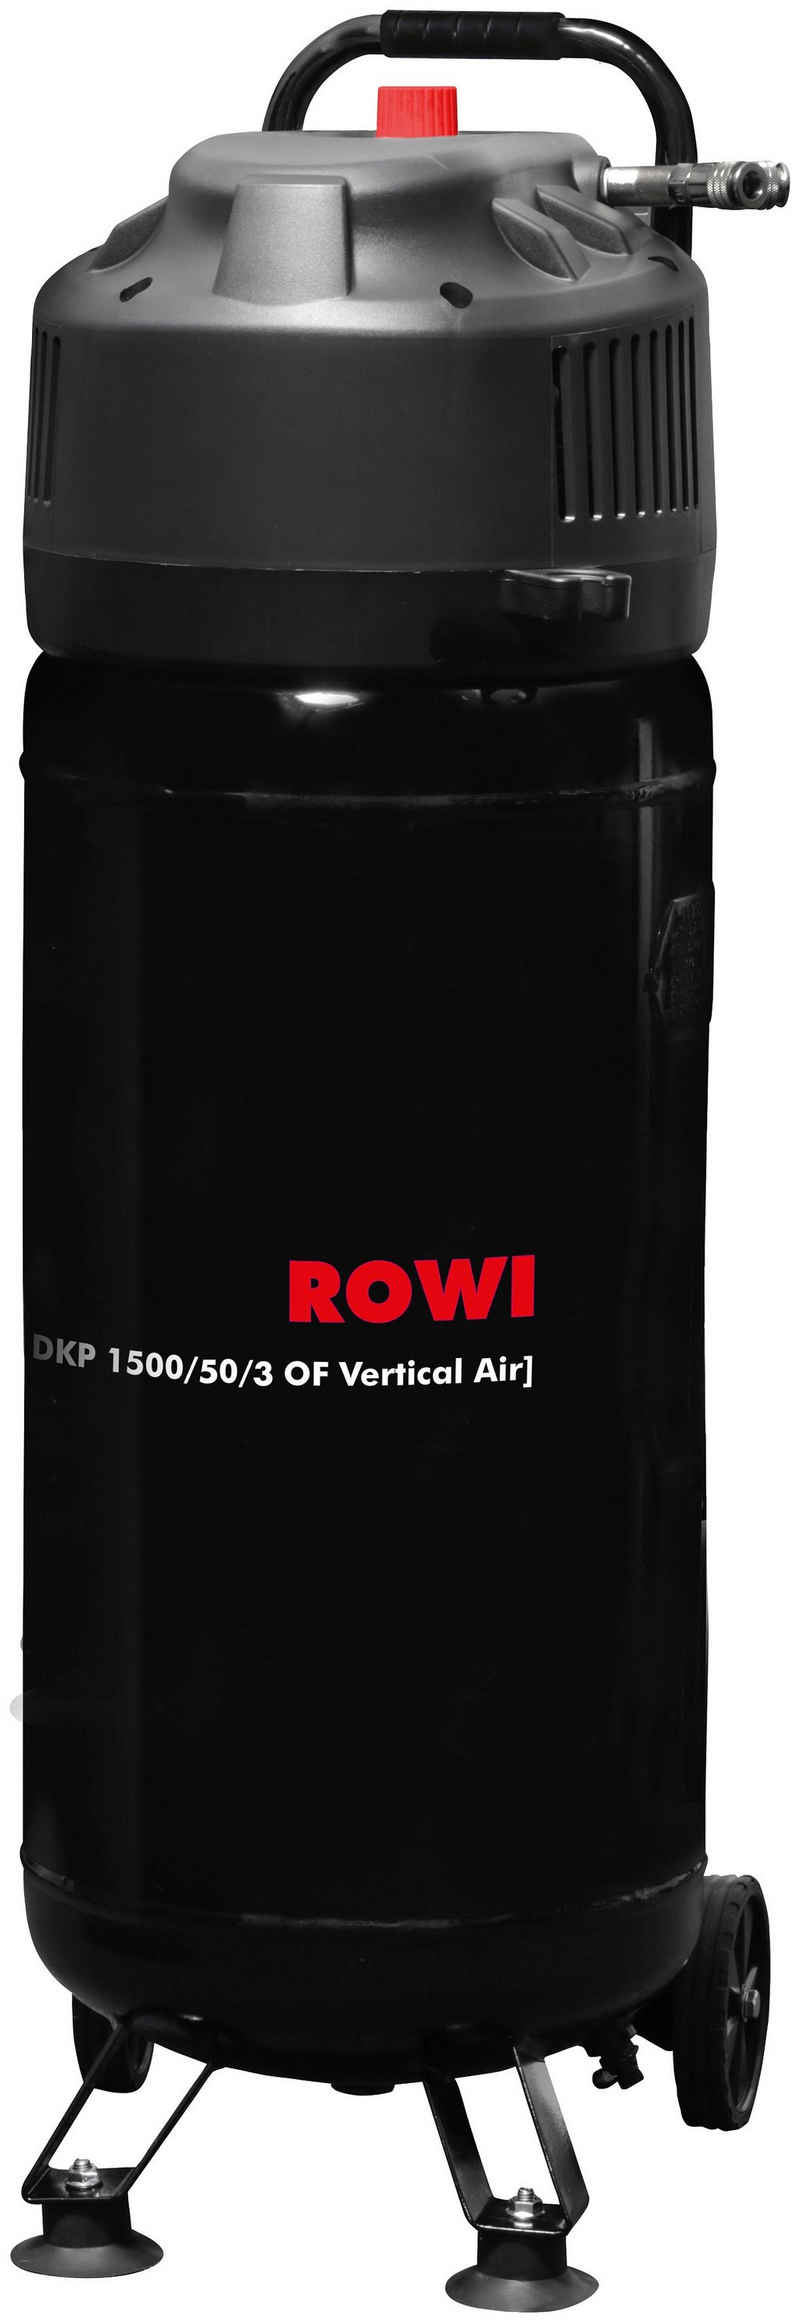 ROWI Kompressor »DKP 1500/50/3 OF Vertical Air«, 1500 W, max. 10 bar, 50 l